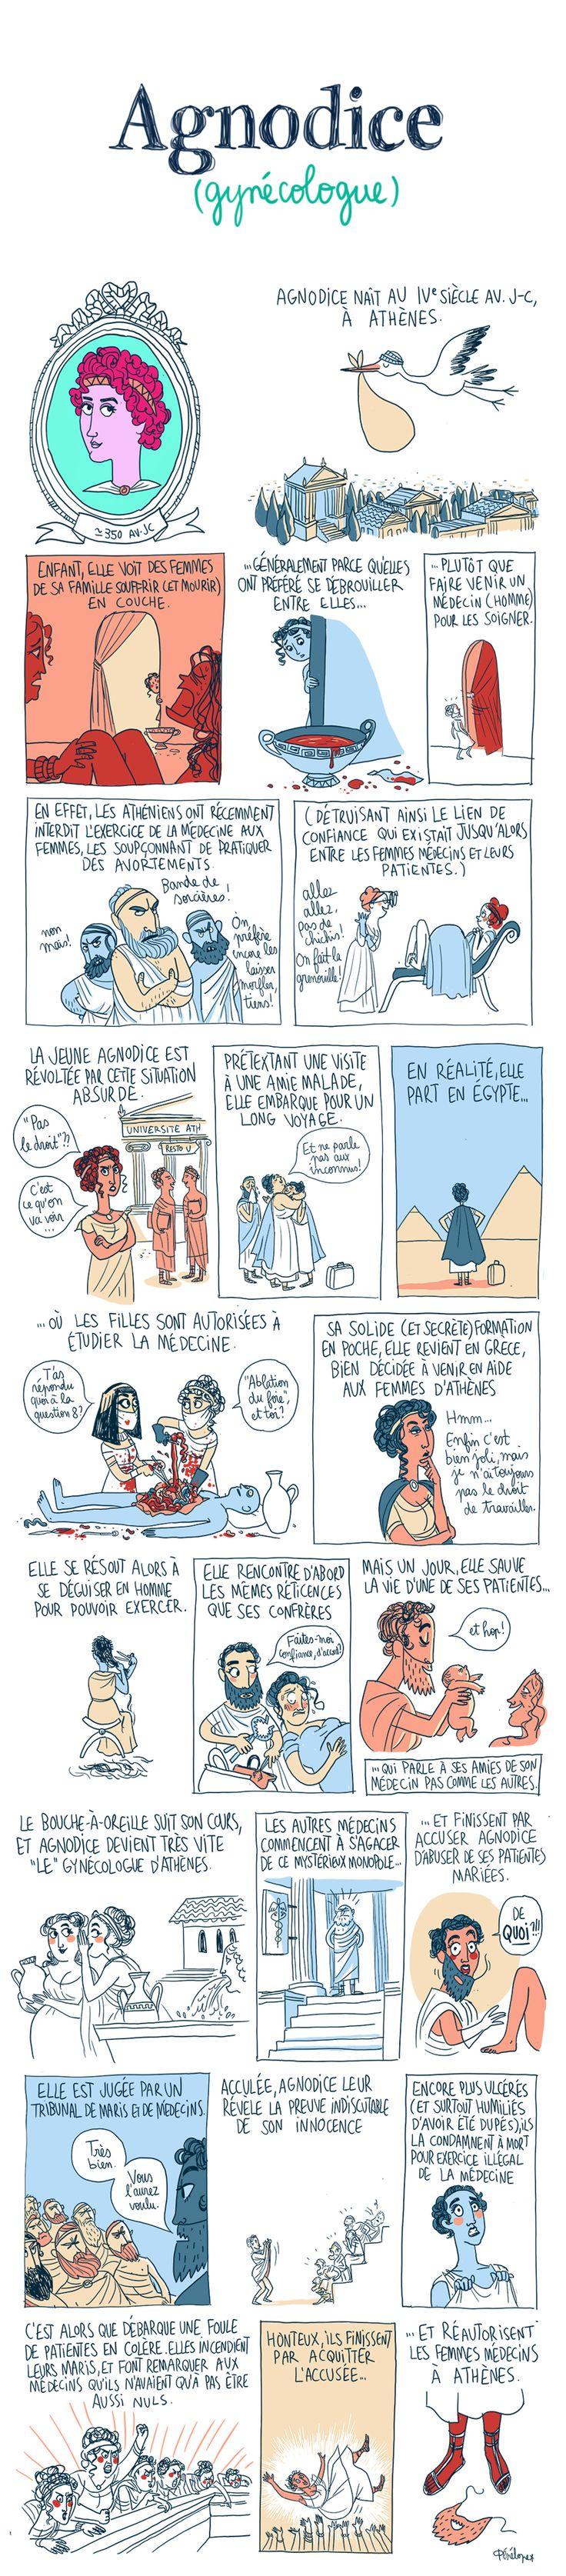 B.D. sur la sage-femme grecque Agnodice. Bien qu'on ignore si elle a réellement existé, son histoire demeure touchante.